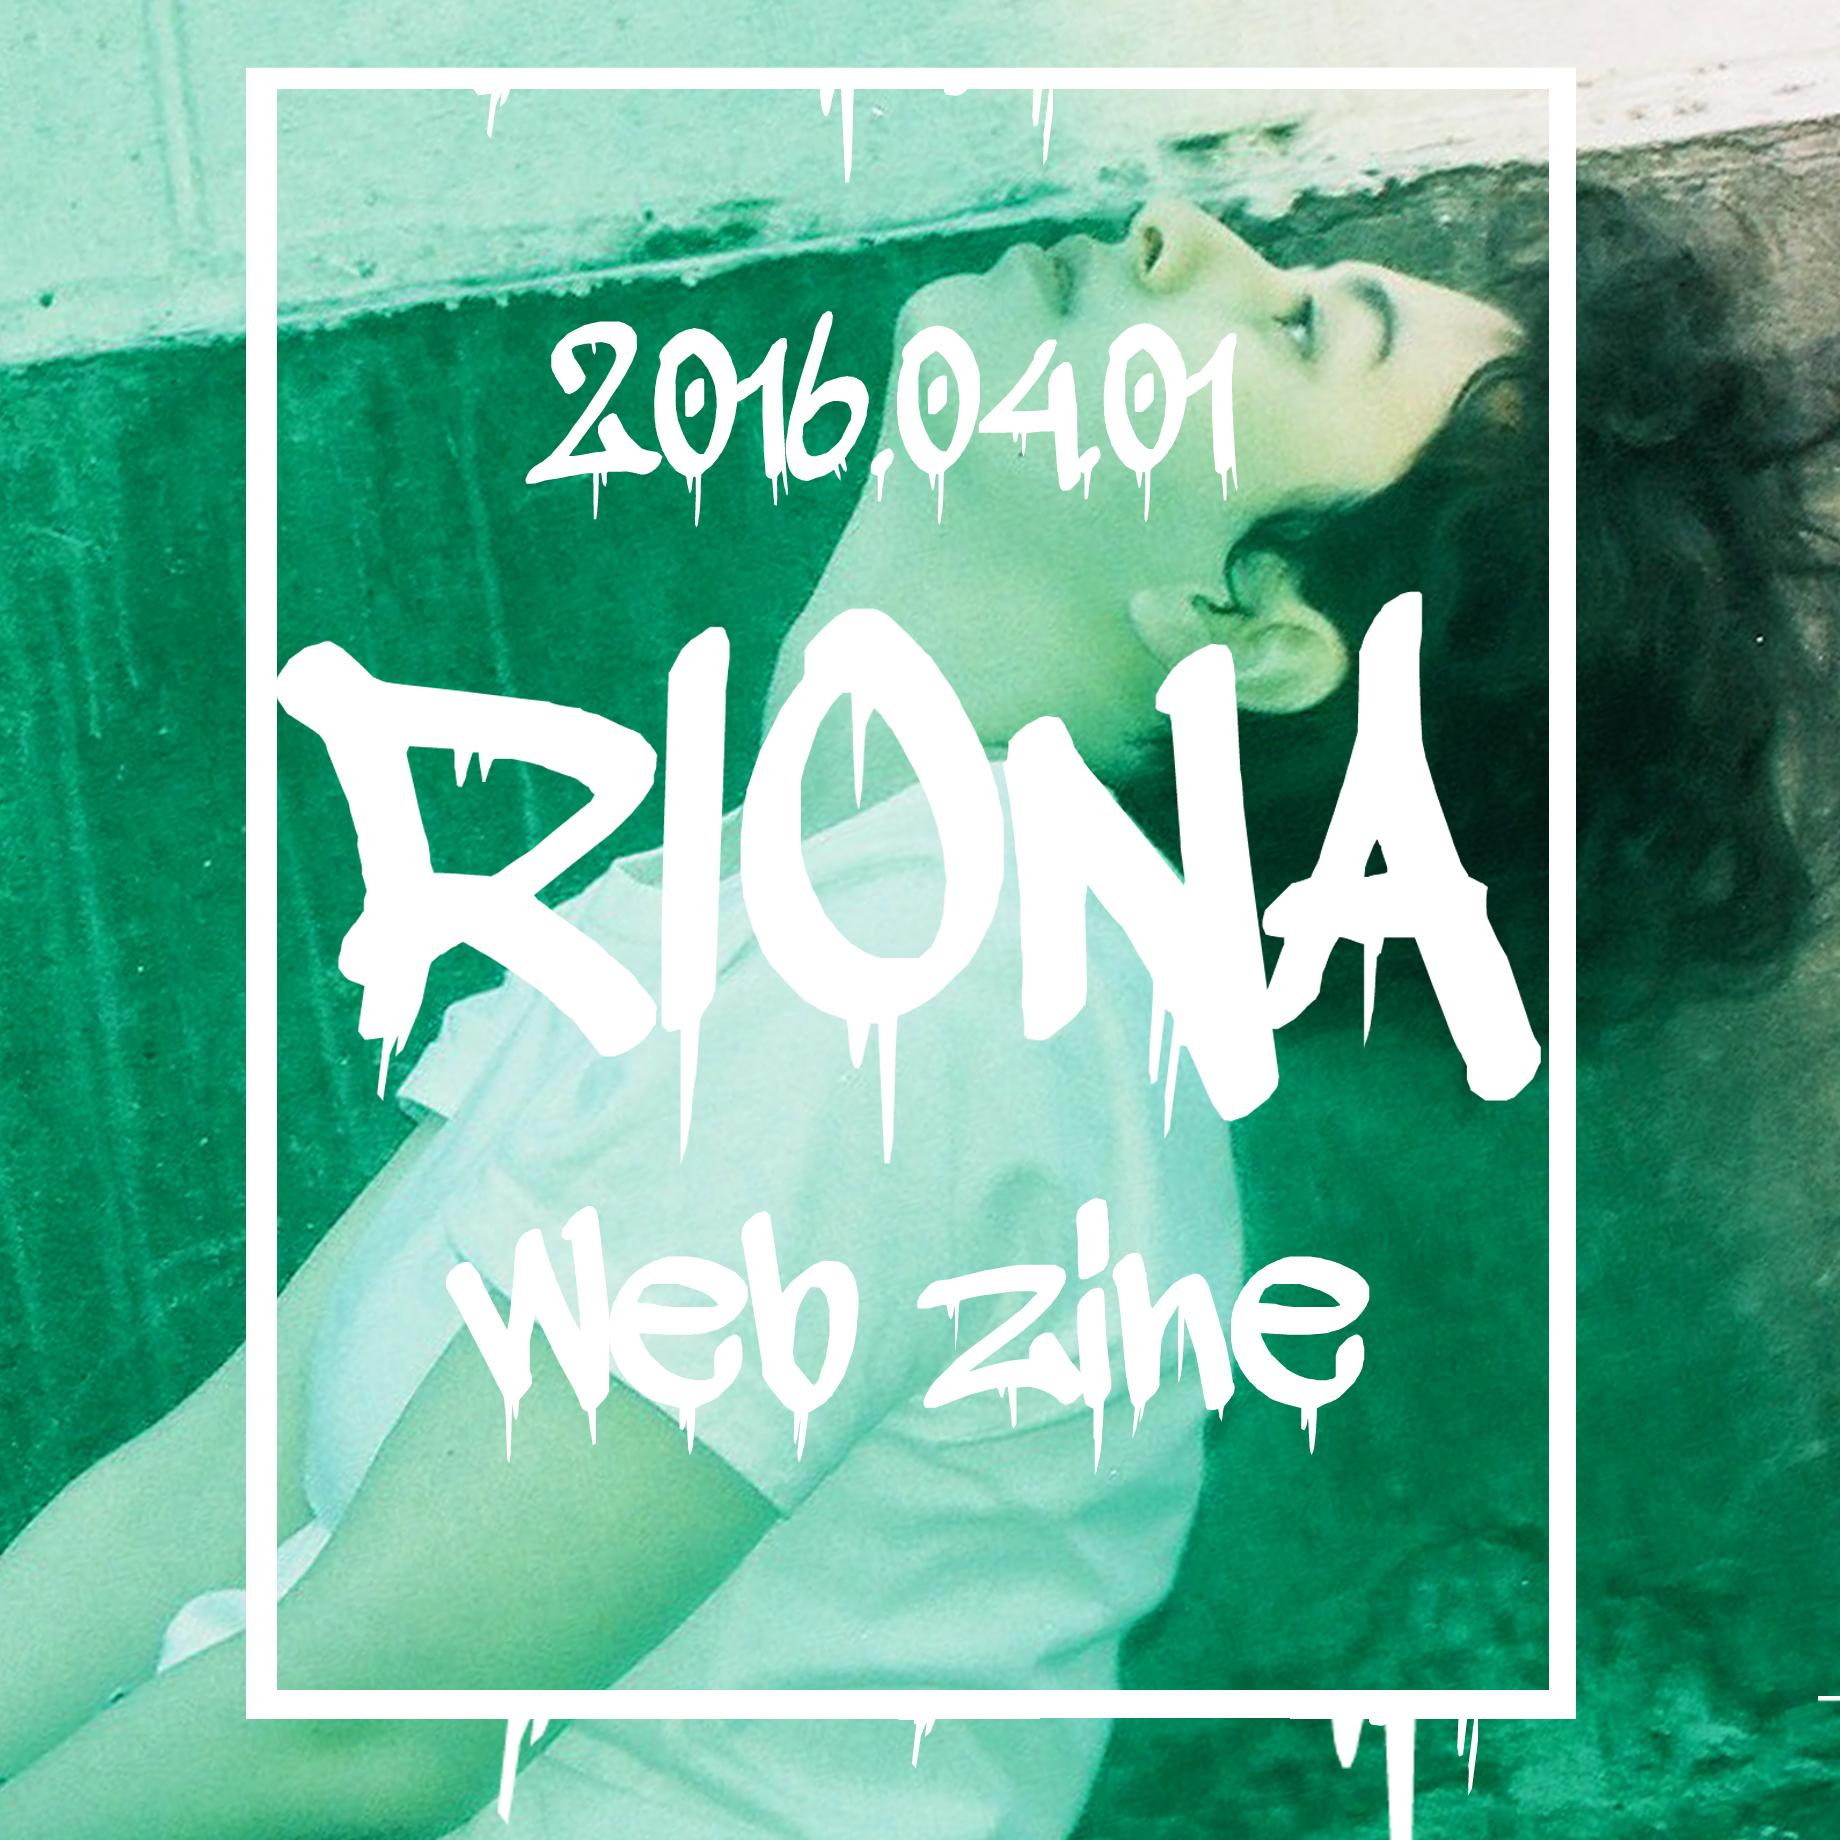 WEB ZINE-RIONA-#zine